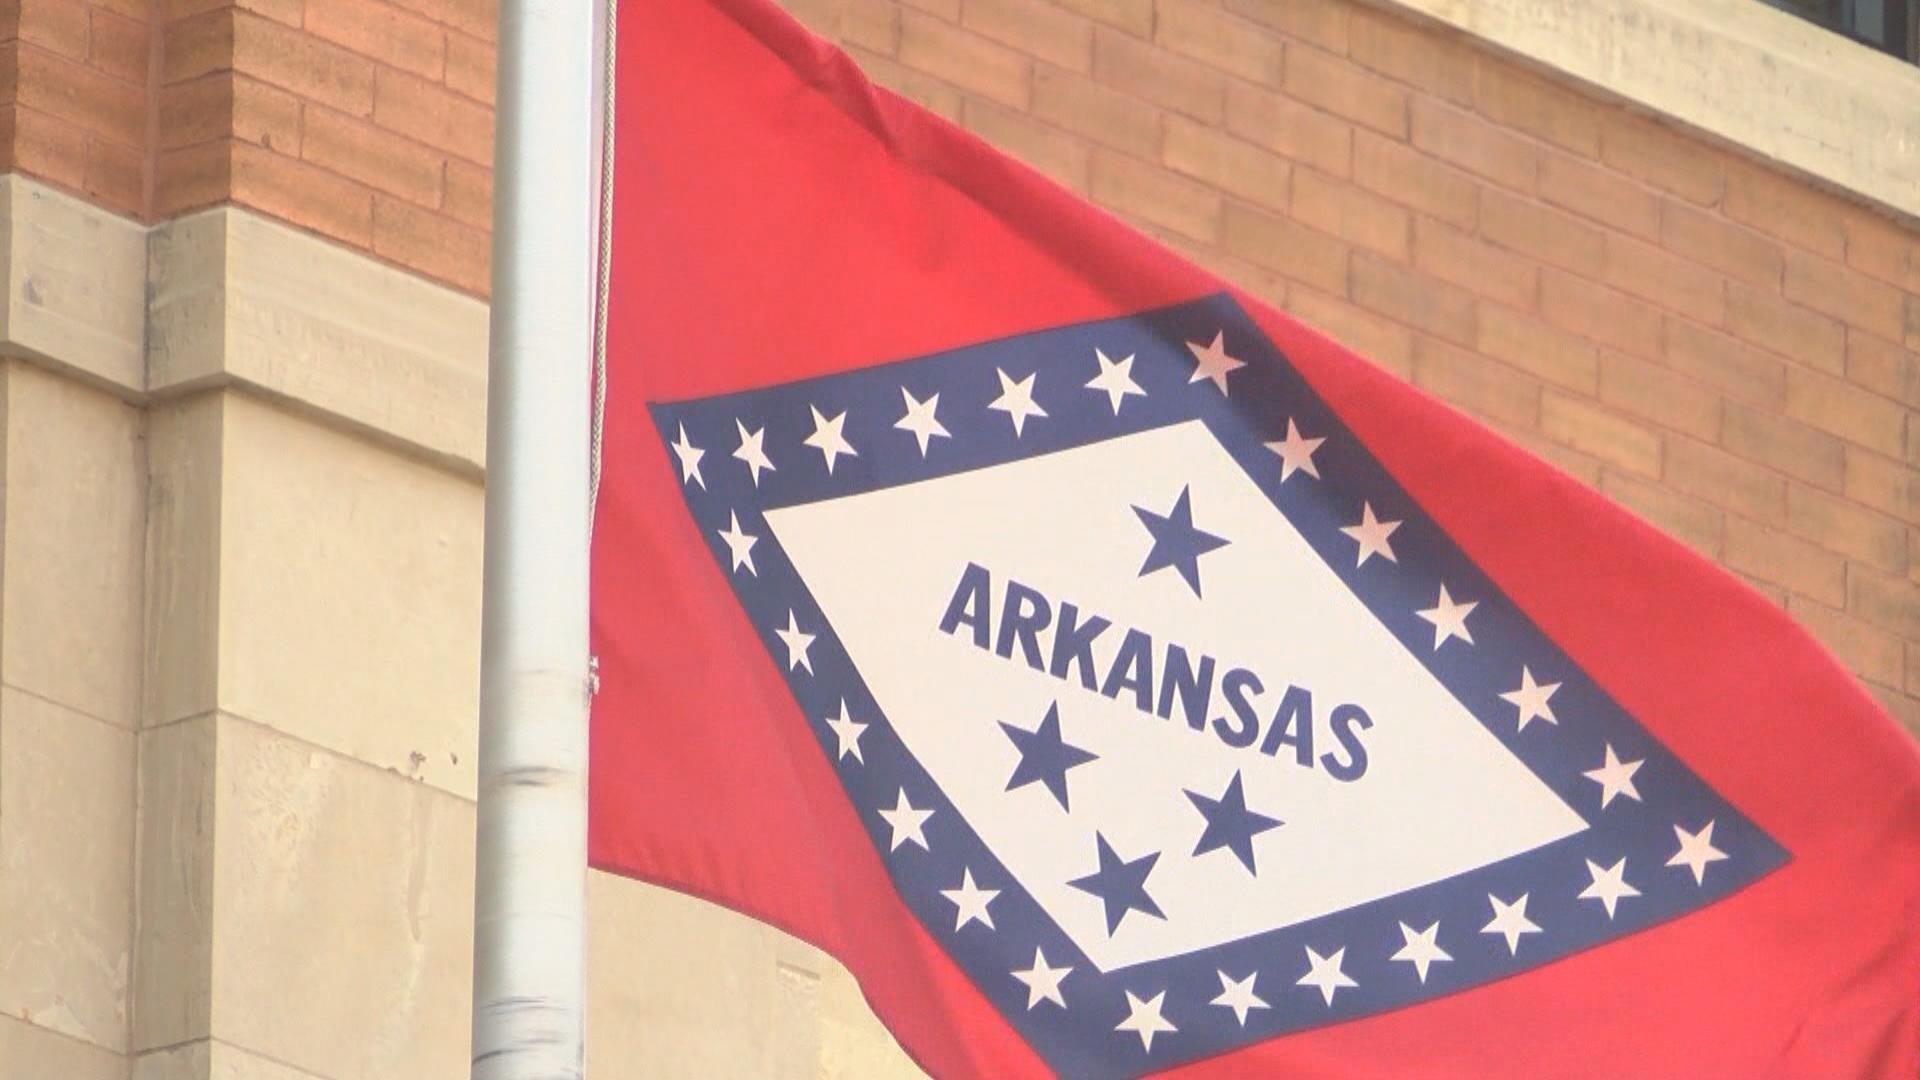 Arkansas Flag_1550268010277.jpg.jpg